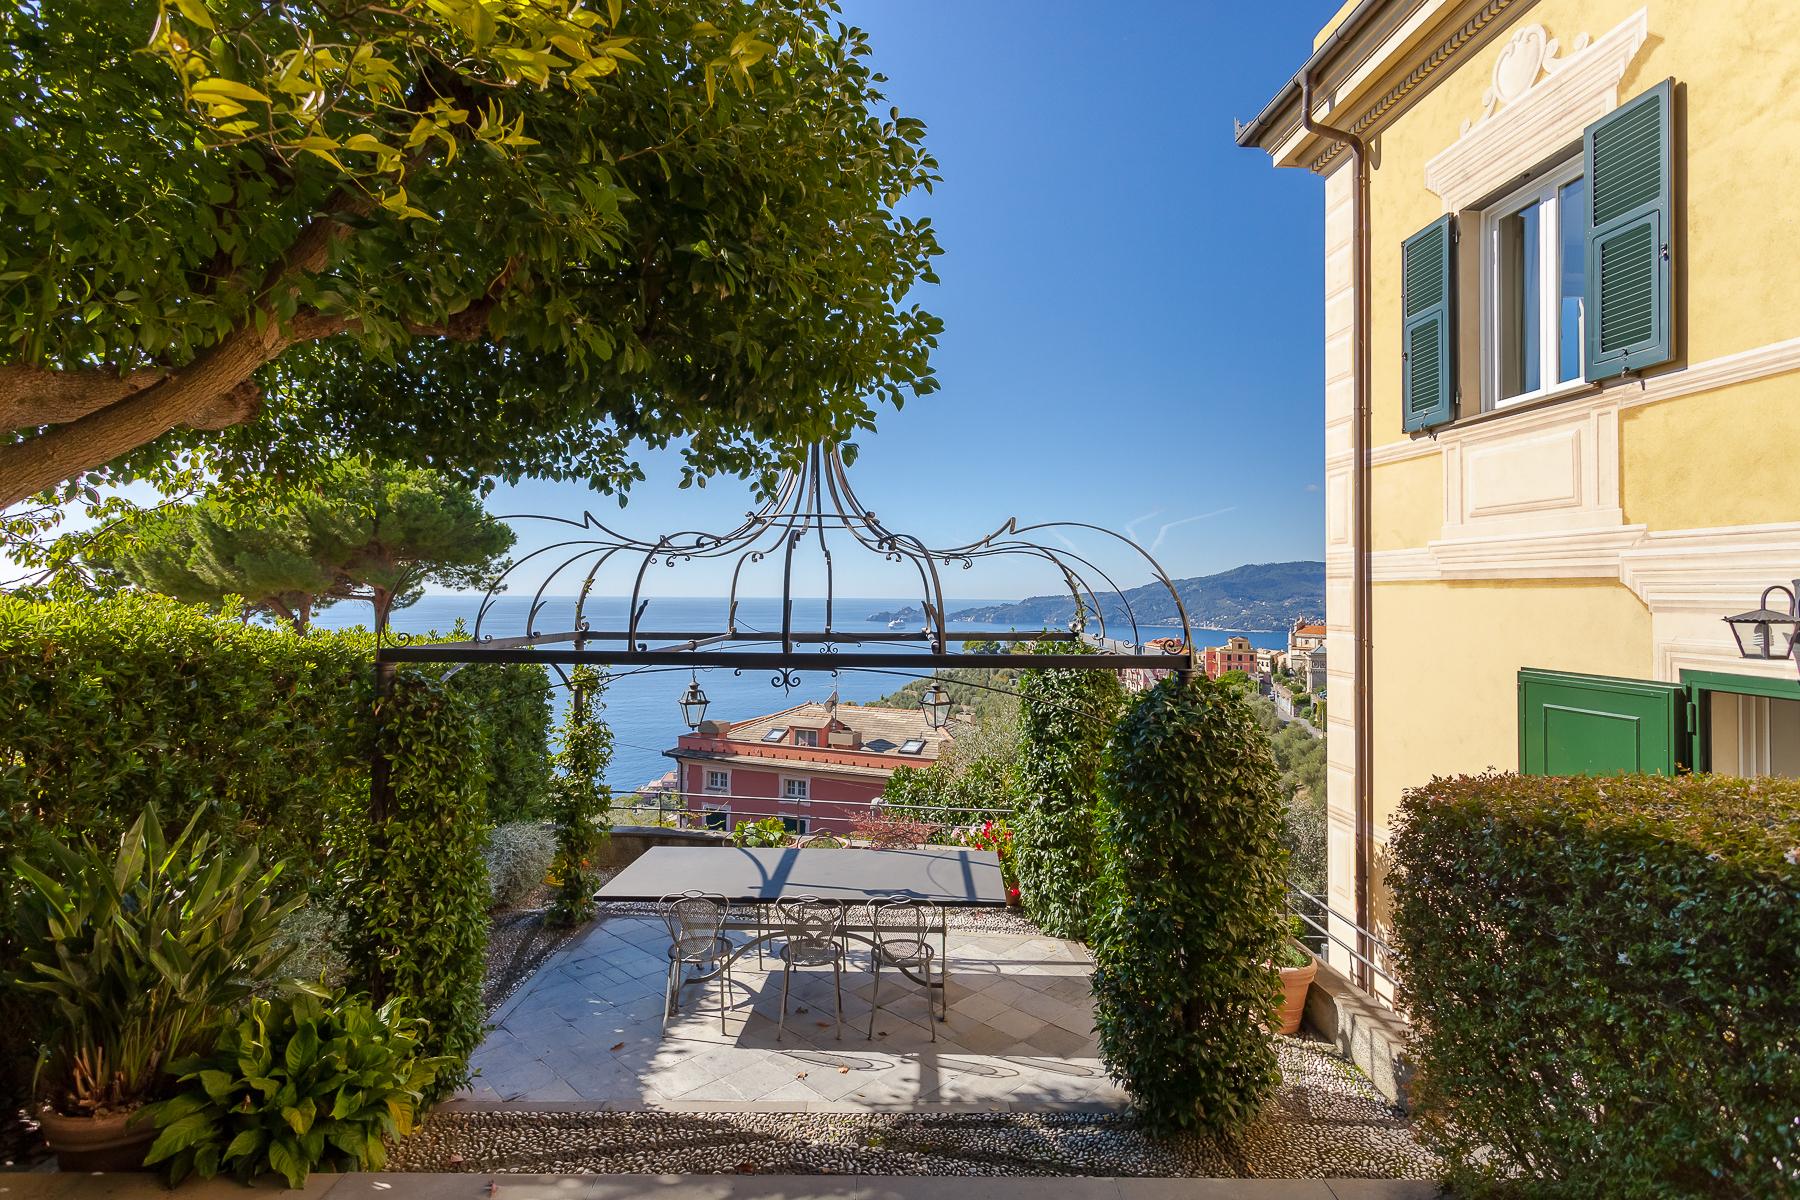 Villa in Vendita a Chiavari: 5 locali, 400 mq - Foto 4